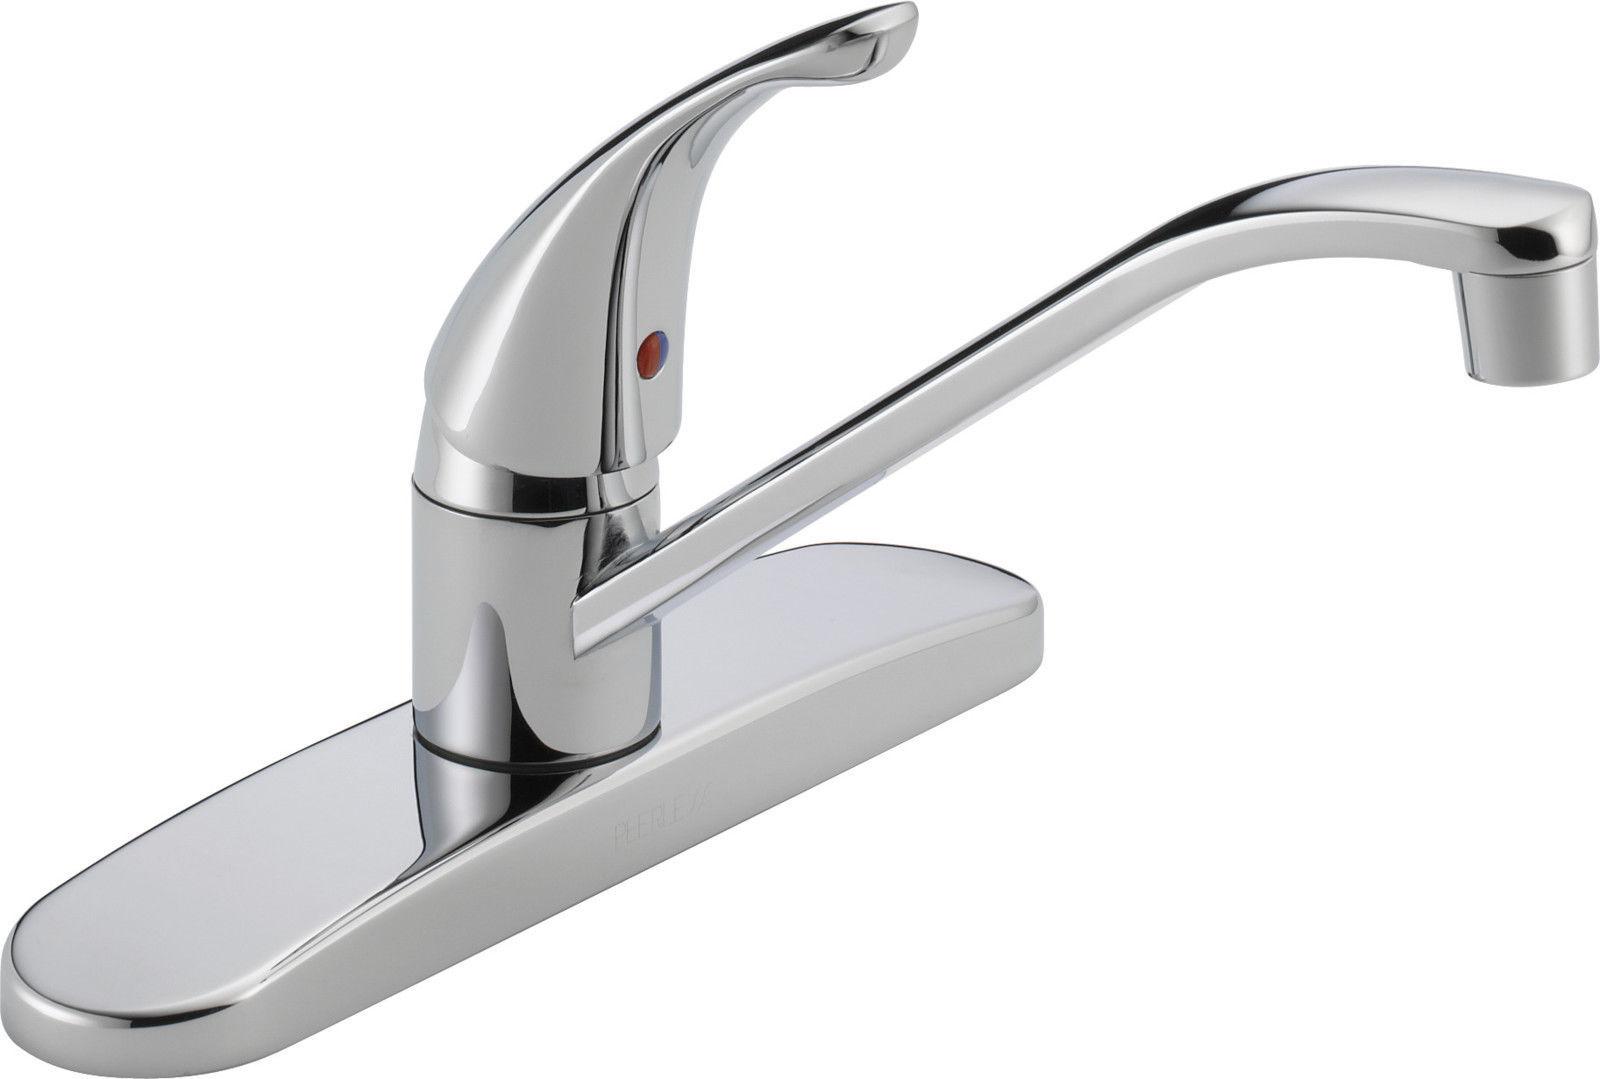 Peerless Faucet: 19 listings